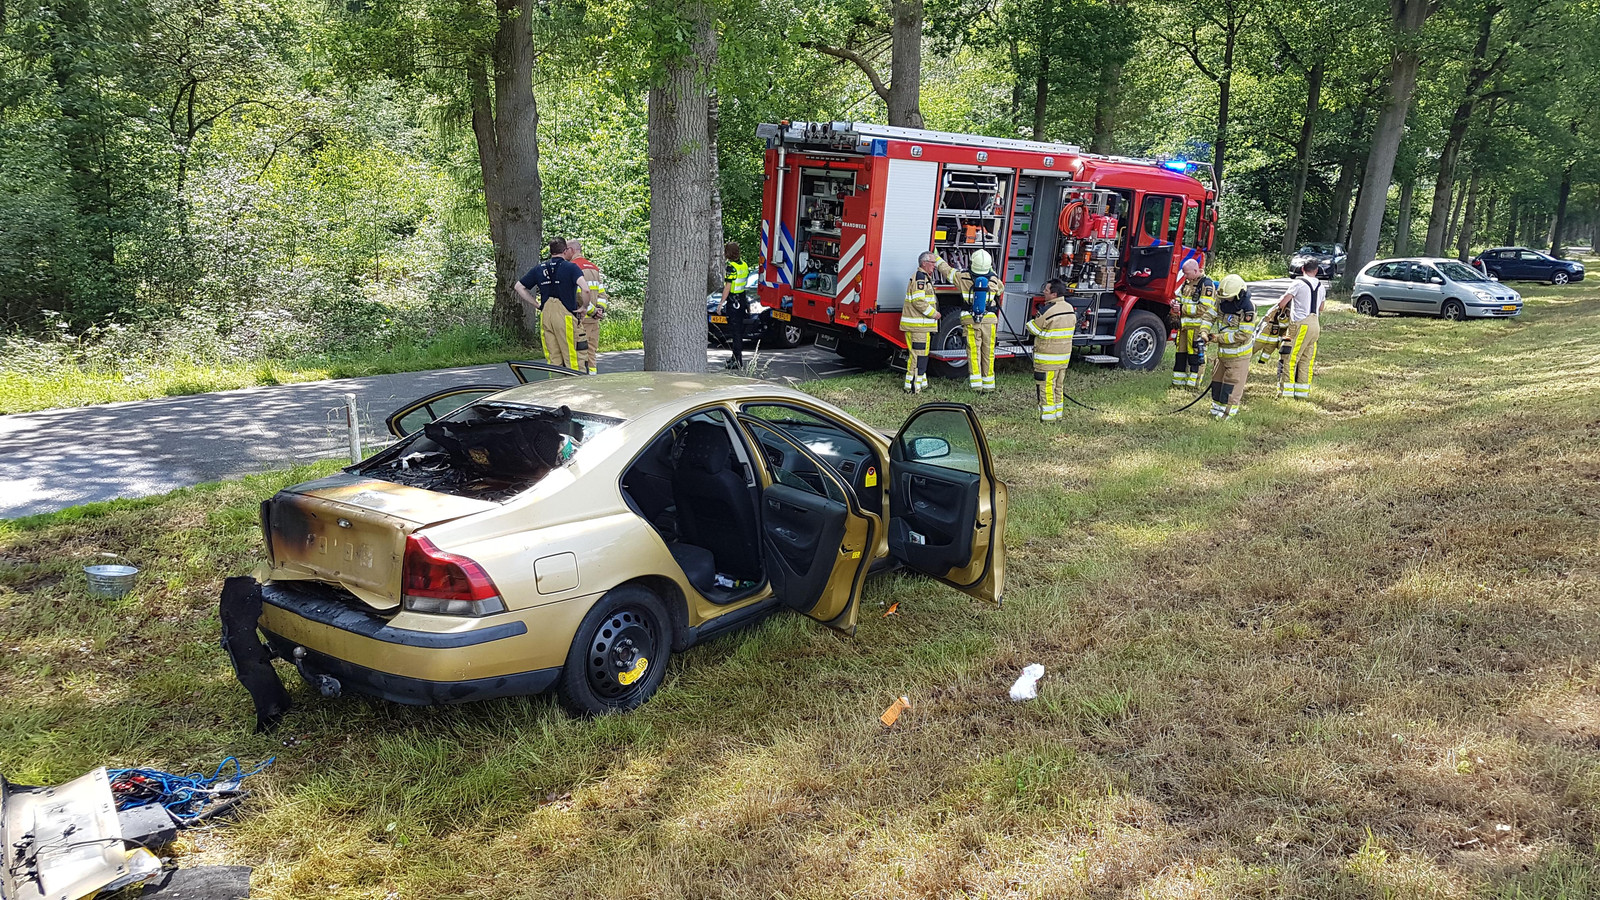 De brandweer rukte uit voor de autobrand.